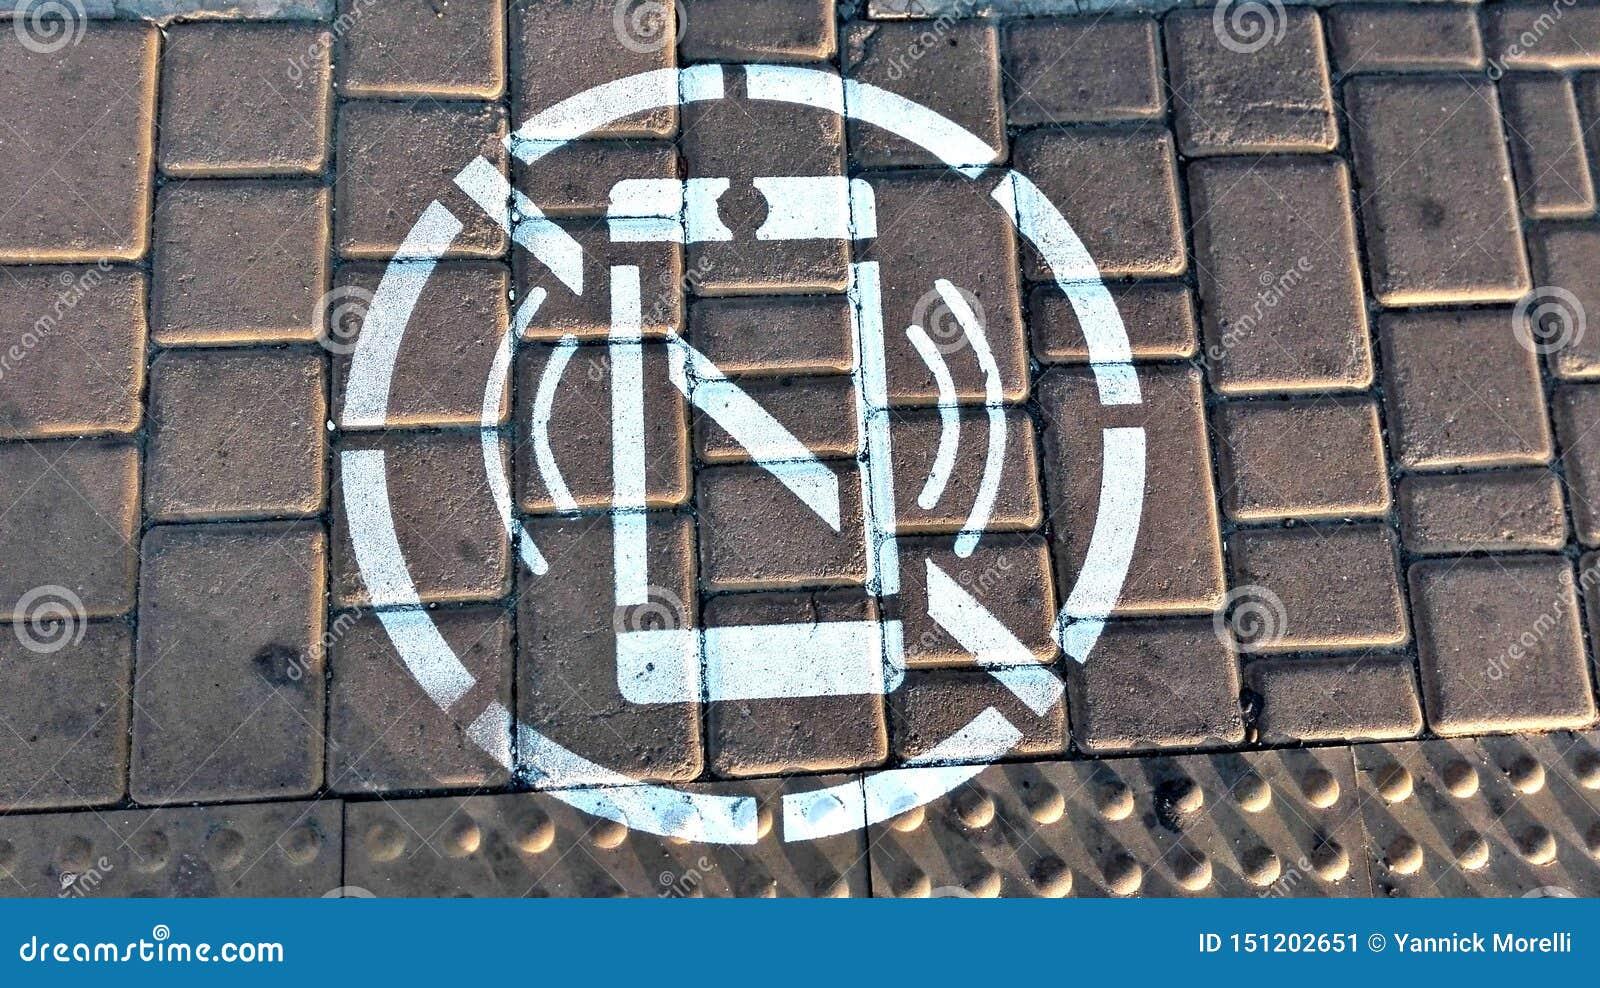 Símbolo de la prohibición para mirar el teléfono móvil, mientras que cruza el camino